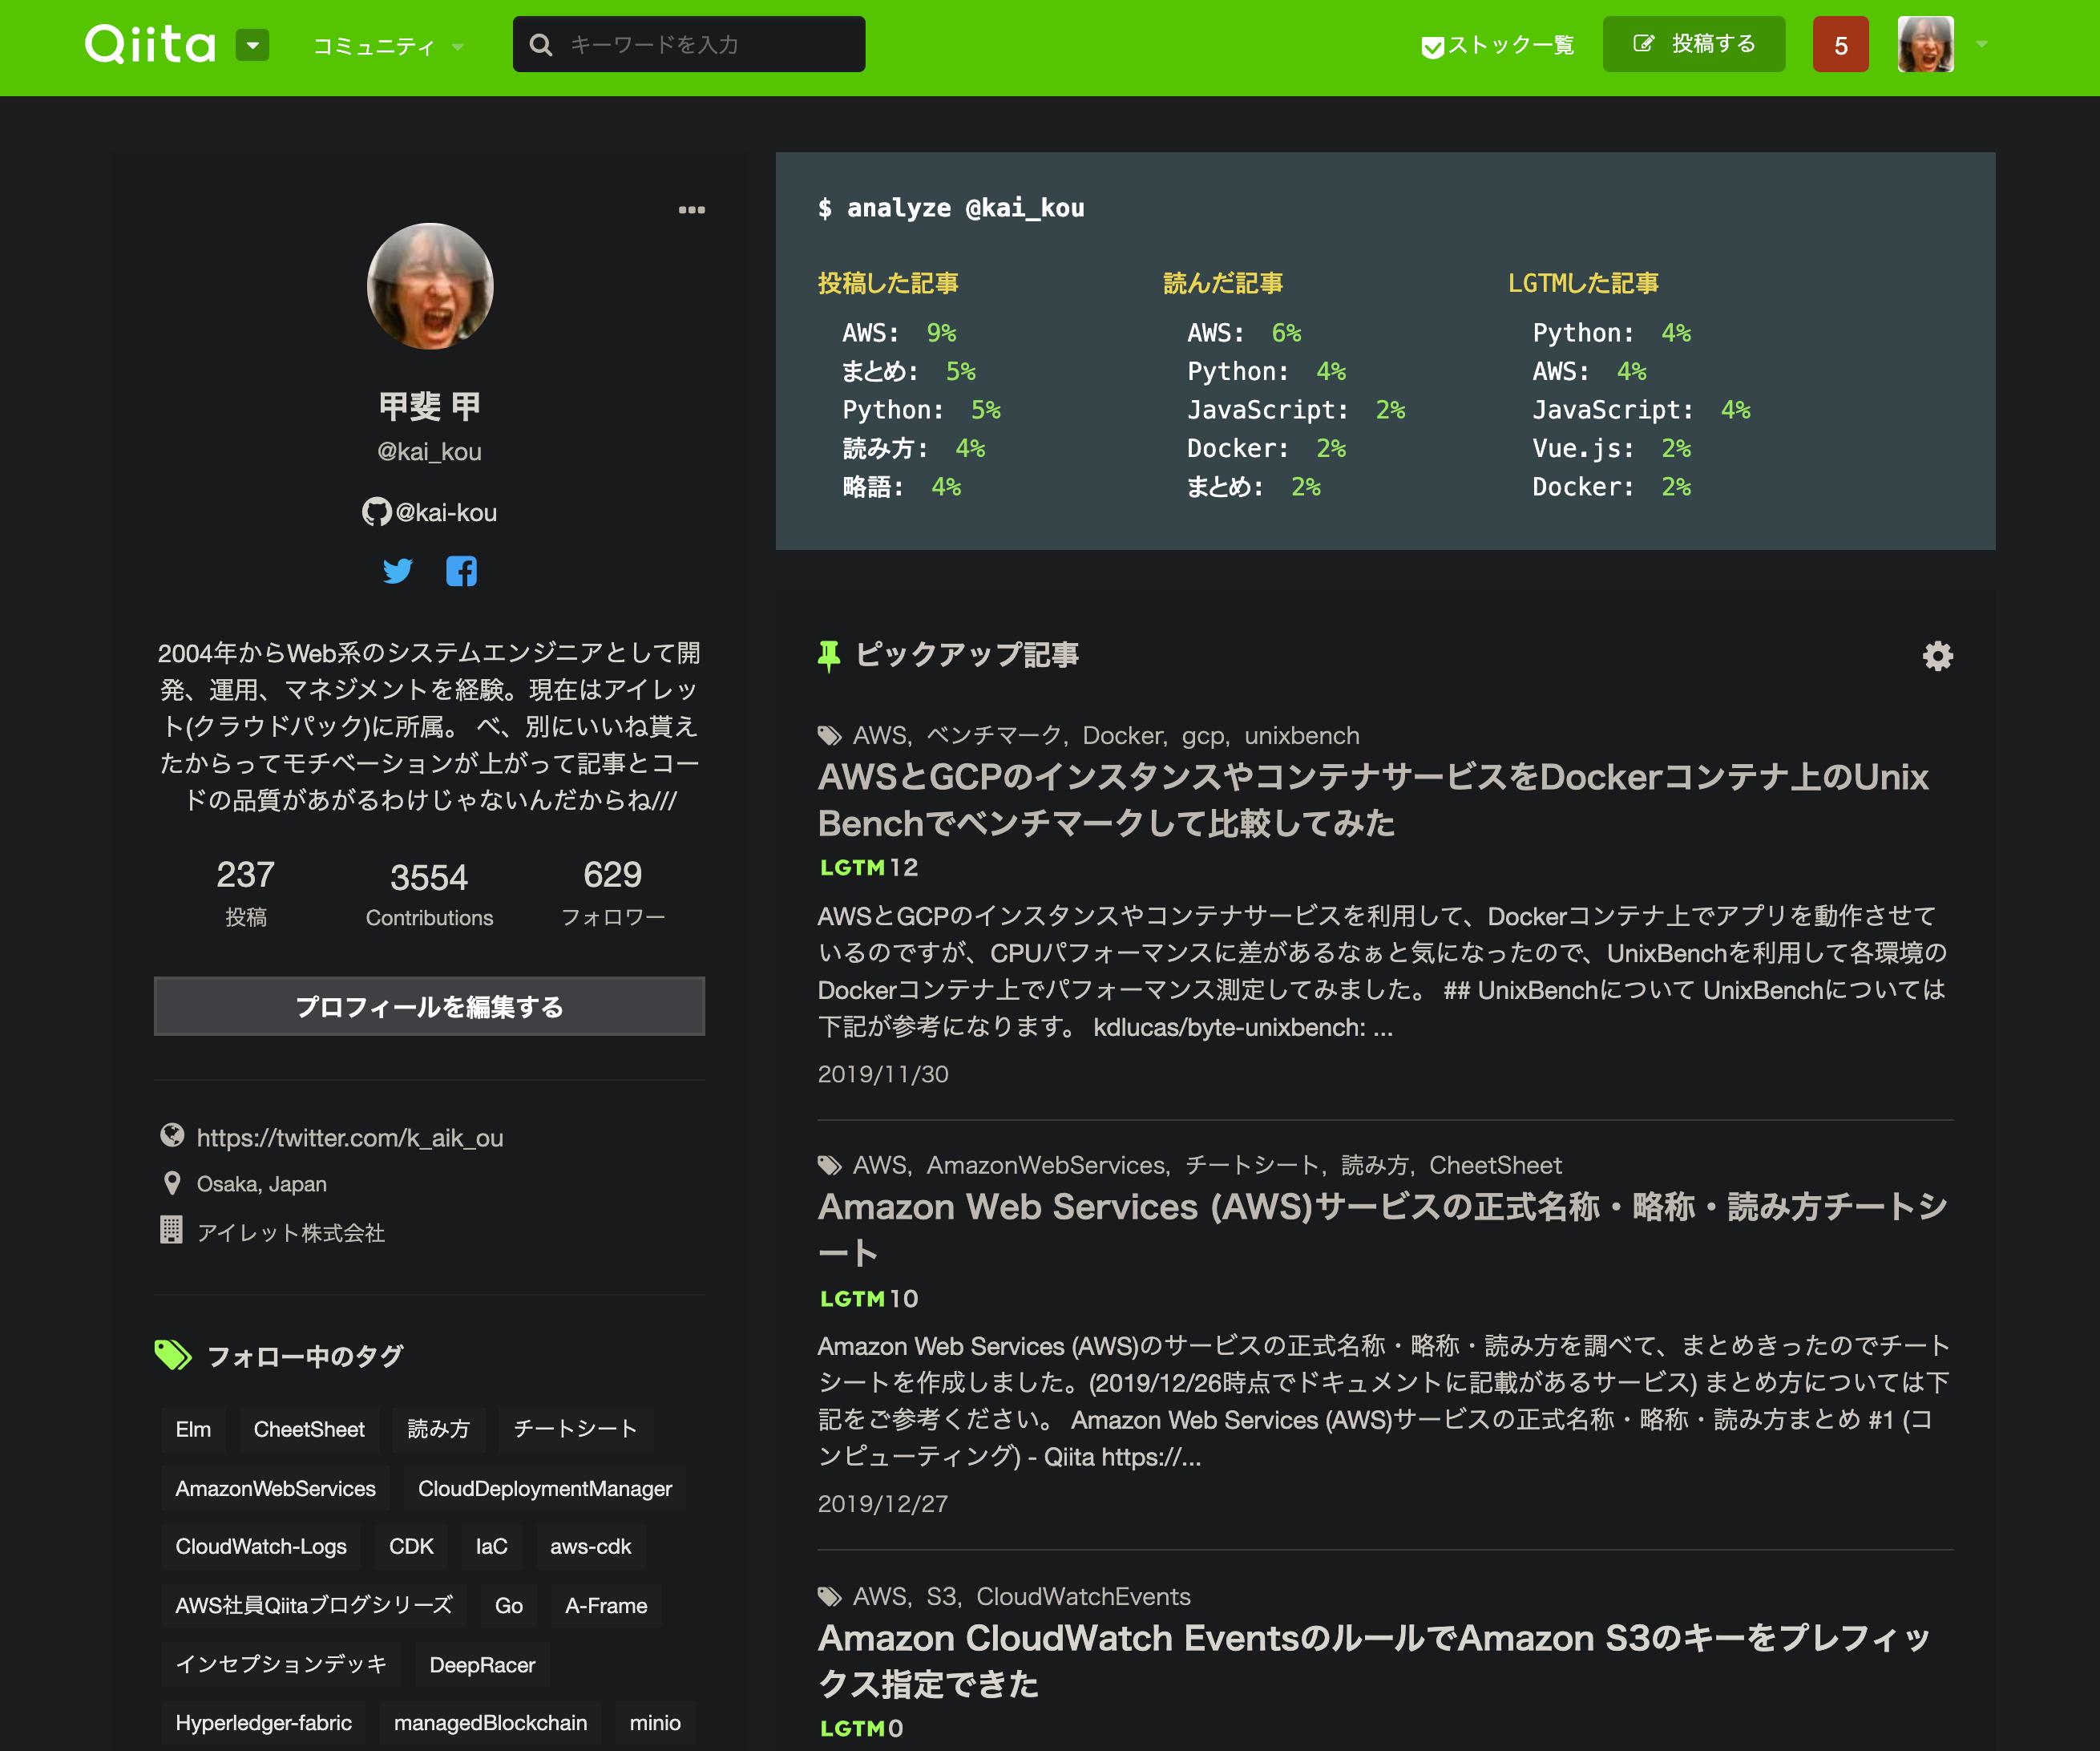 スクリーンショット 2020-03-26 2.11.37.png